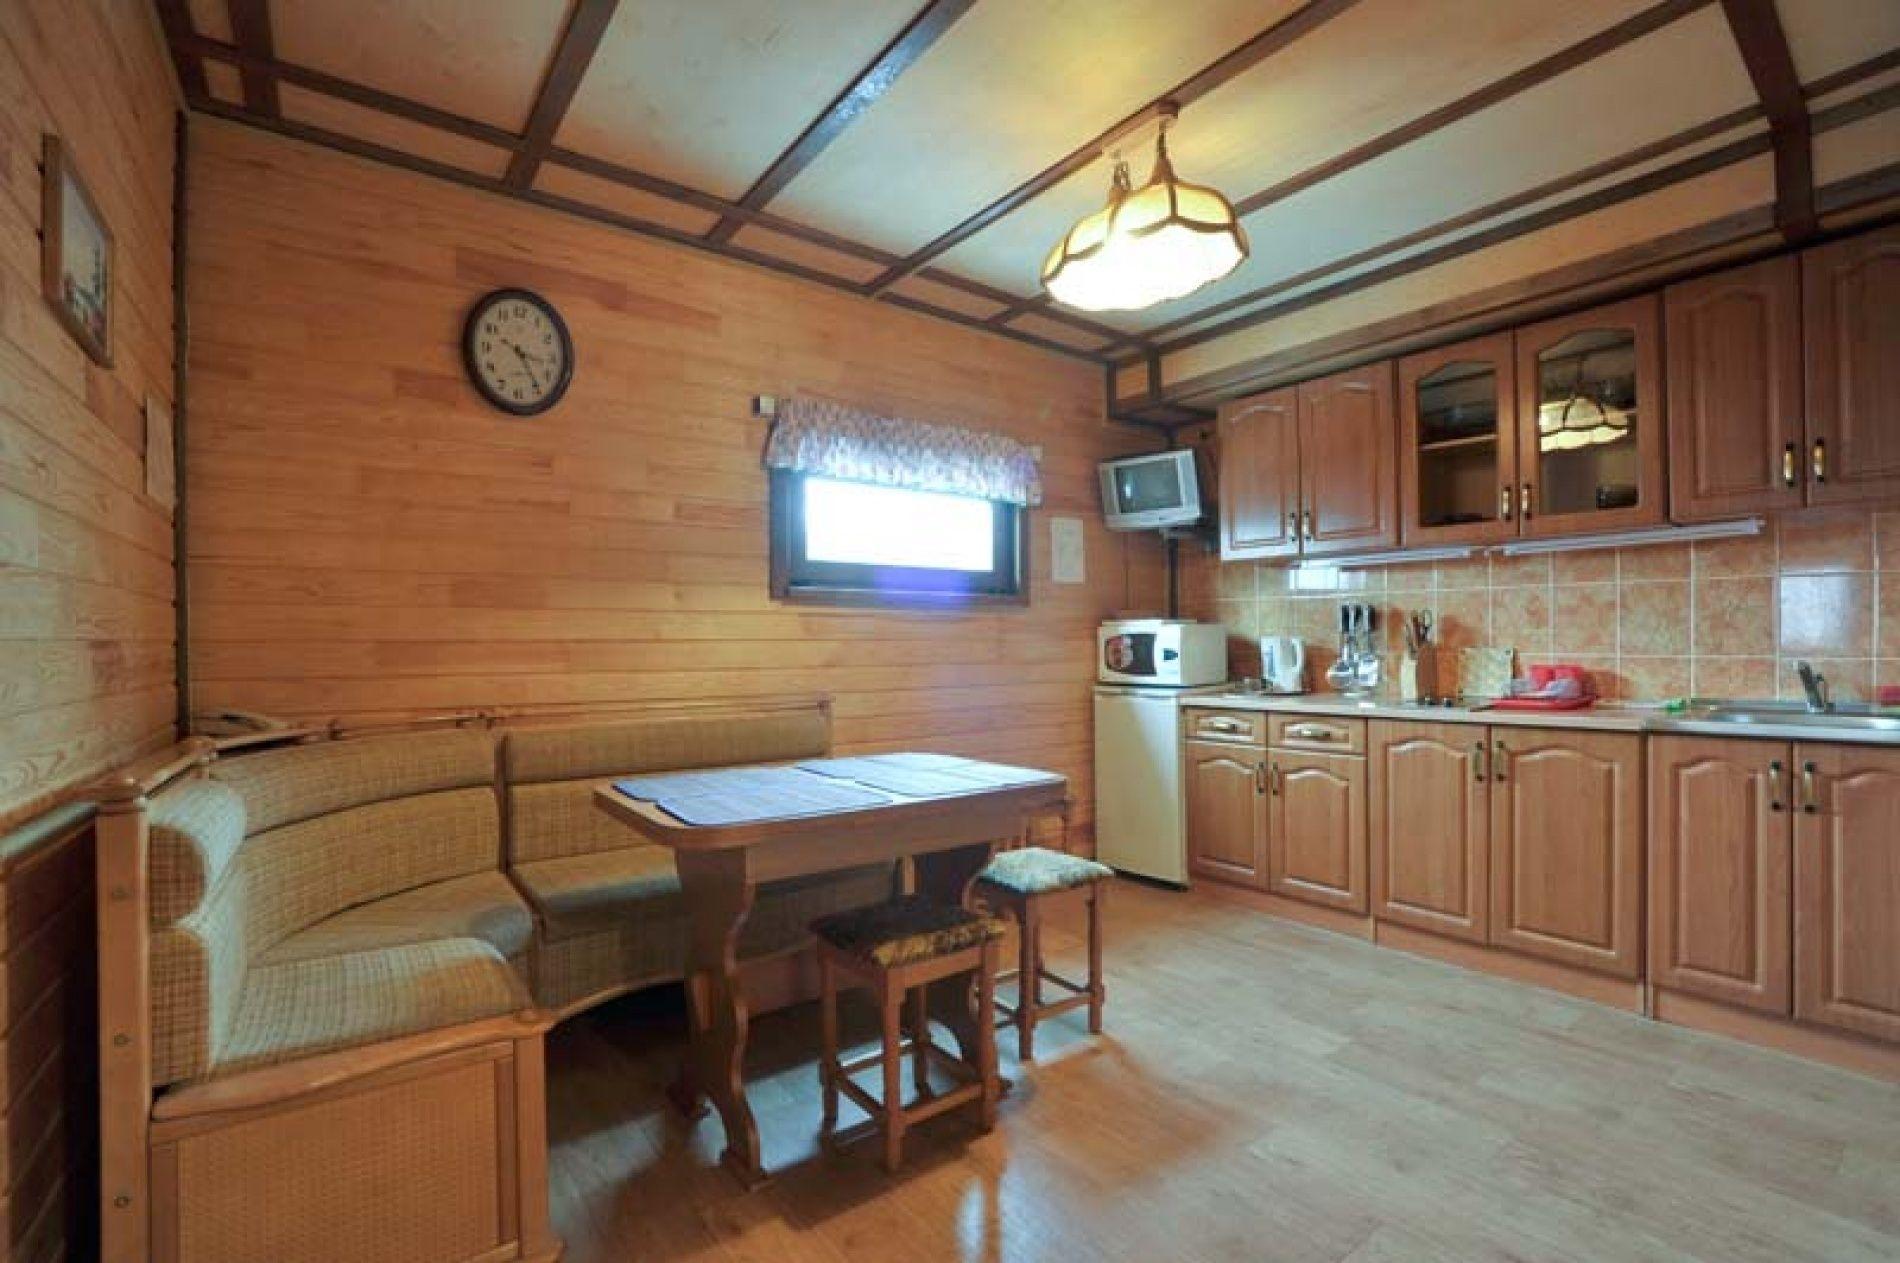 Гостиница «Мельница» Иркутская область Апартаменты, фото 2